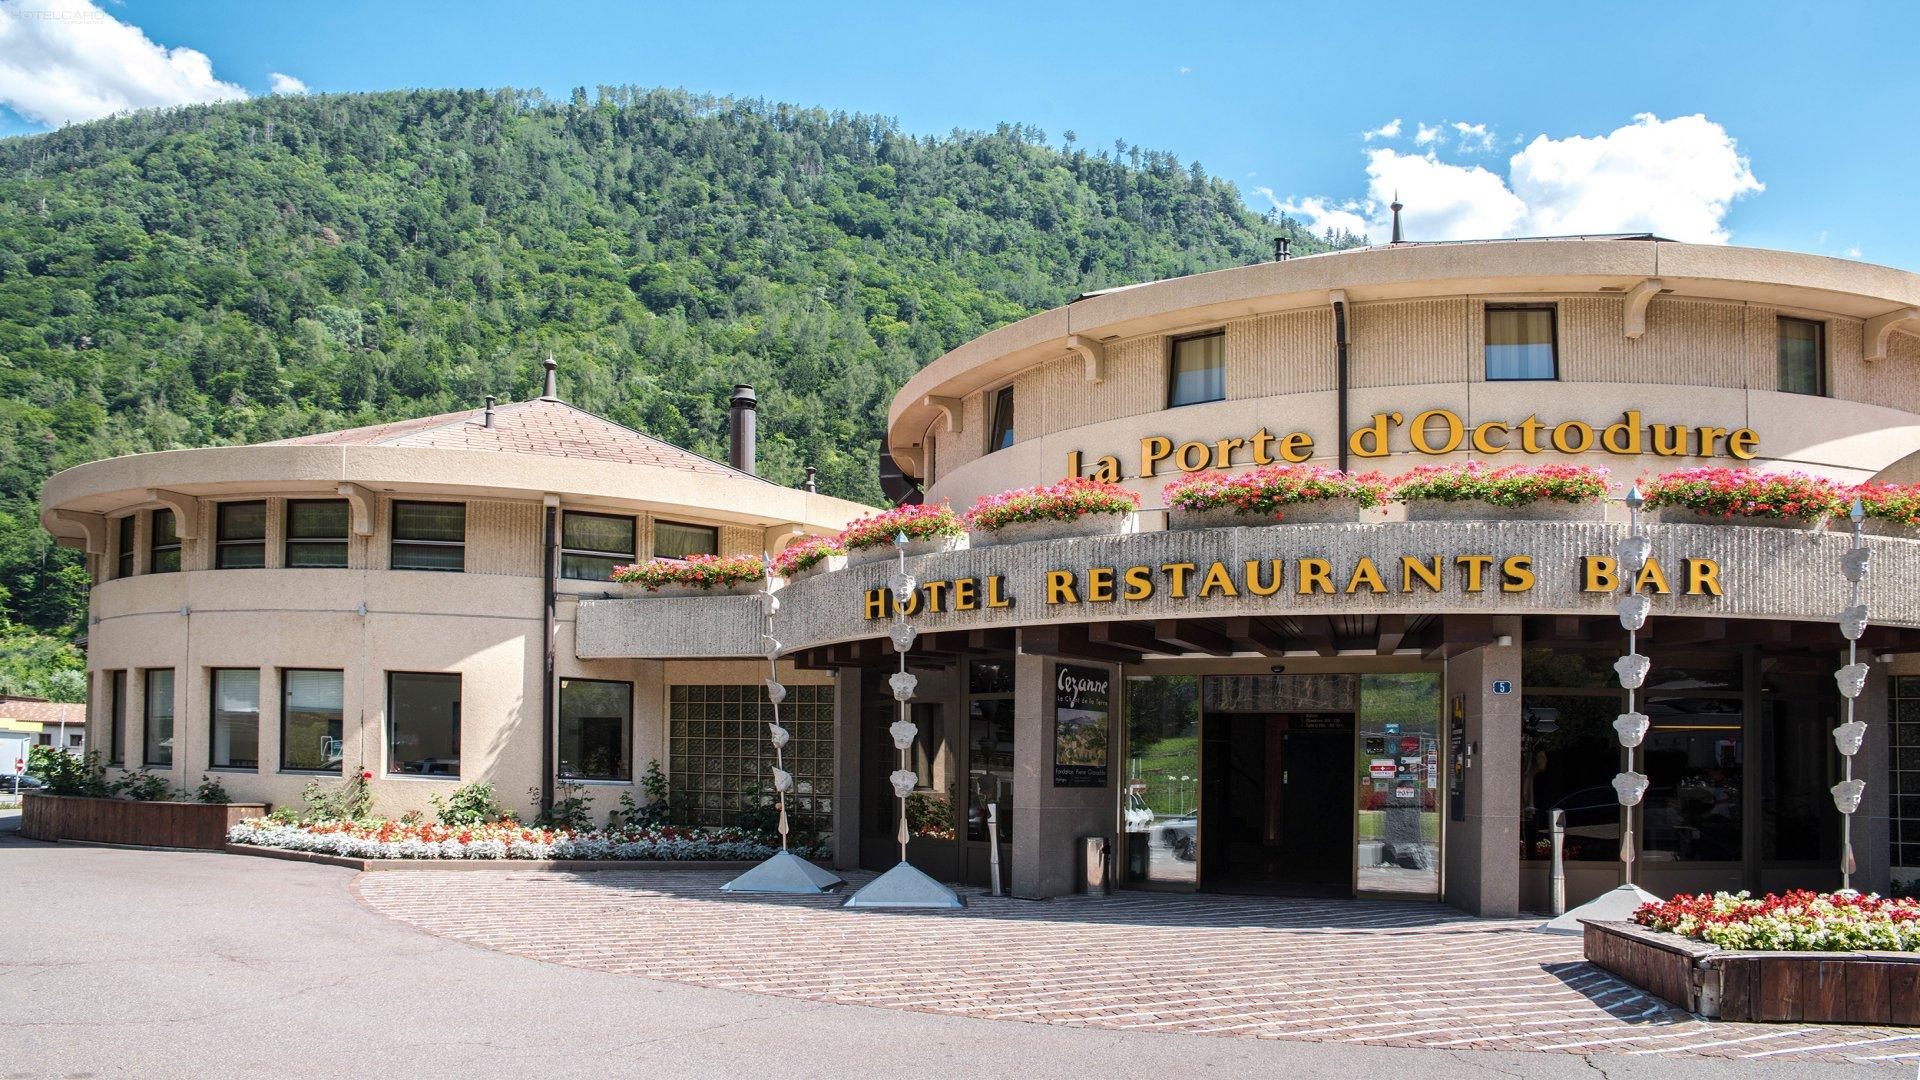 Hôtel La Porte dOctodure 0